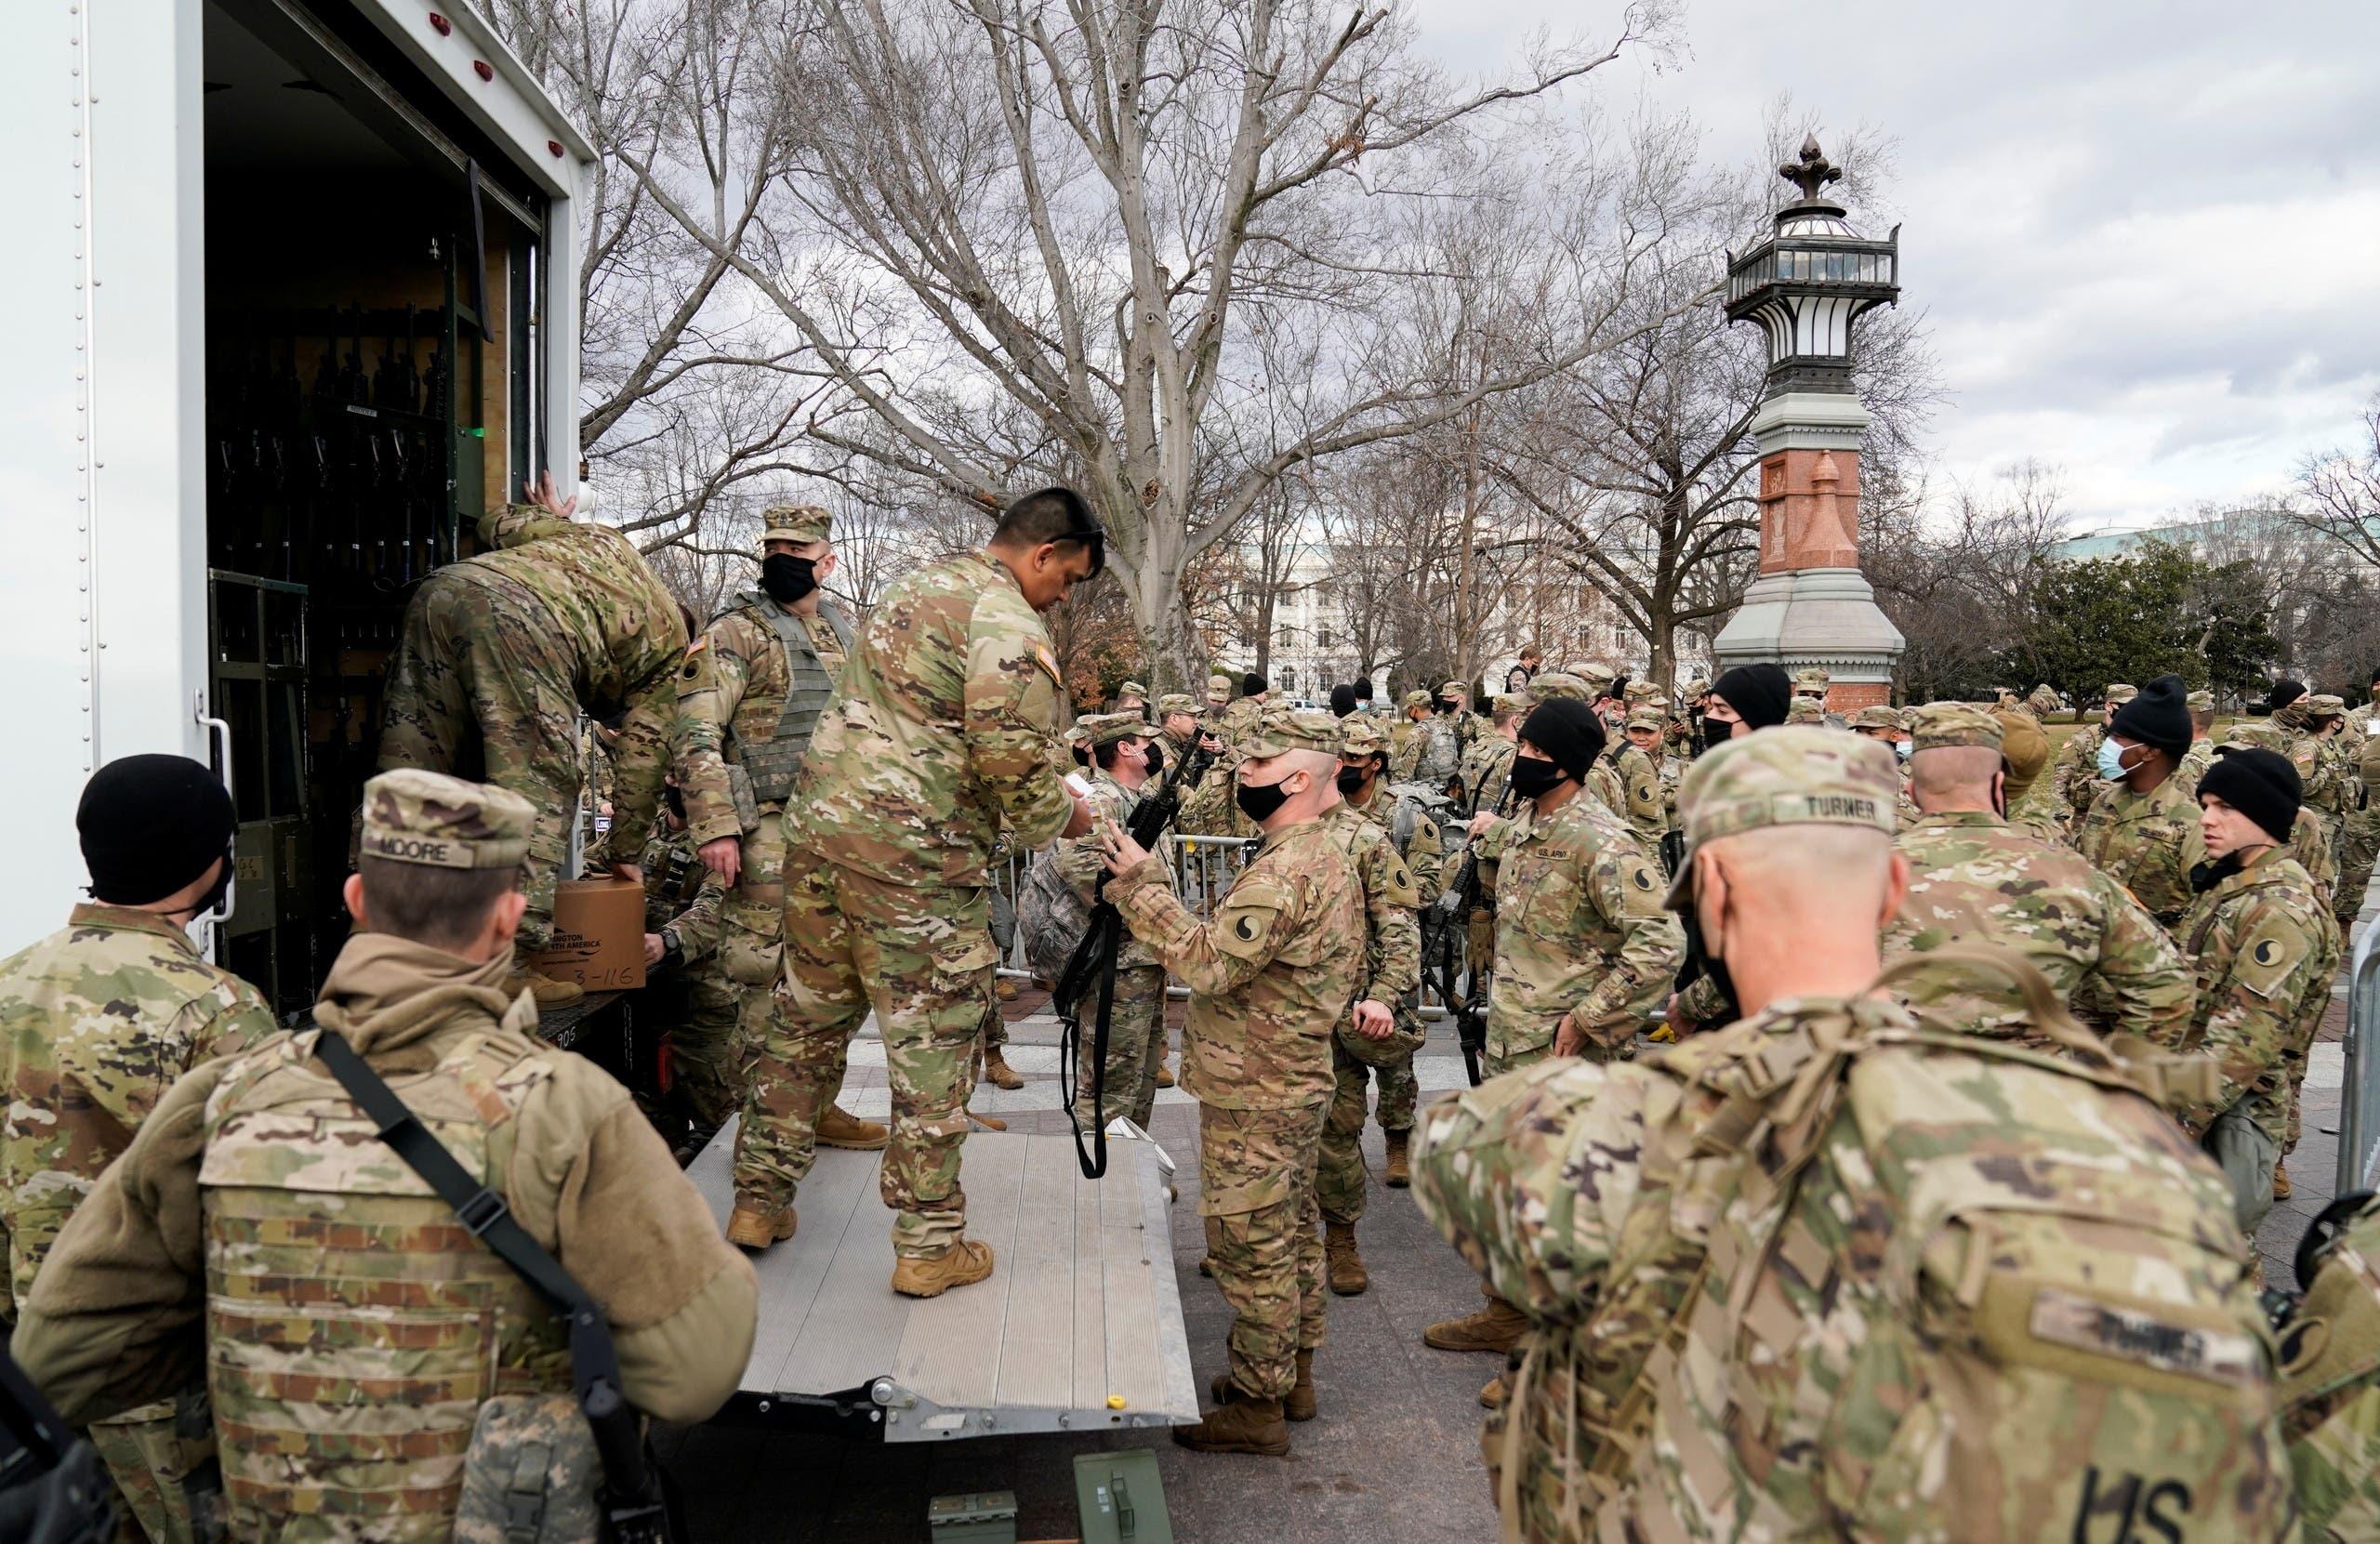 الحرس الوطني في واشنطن (أرشيفية رويترز )